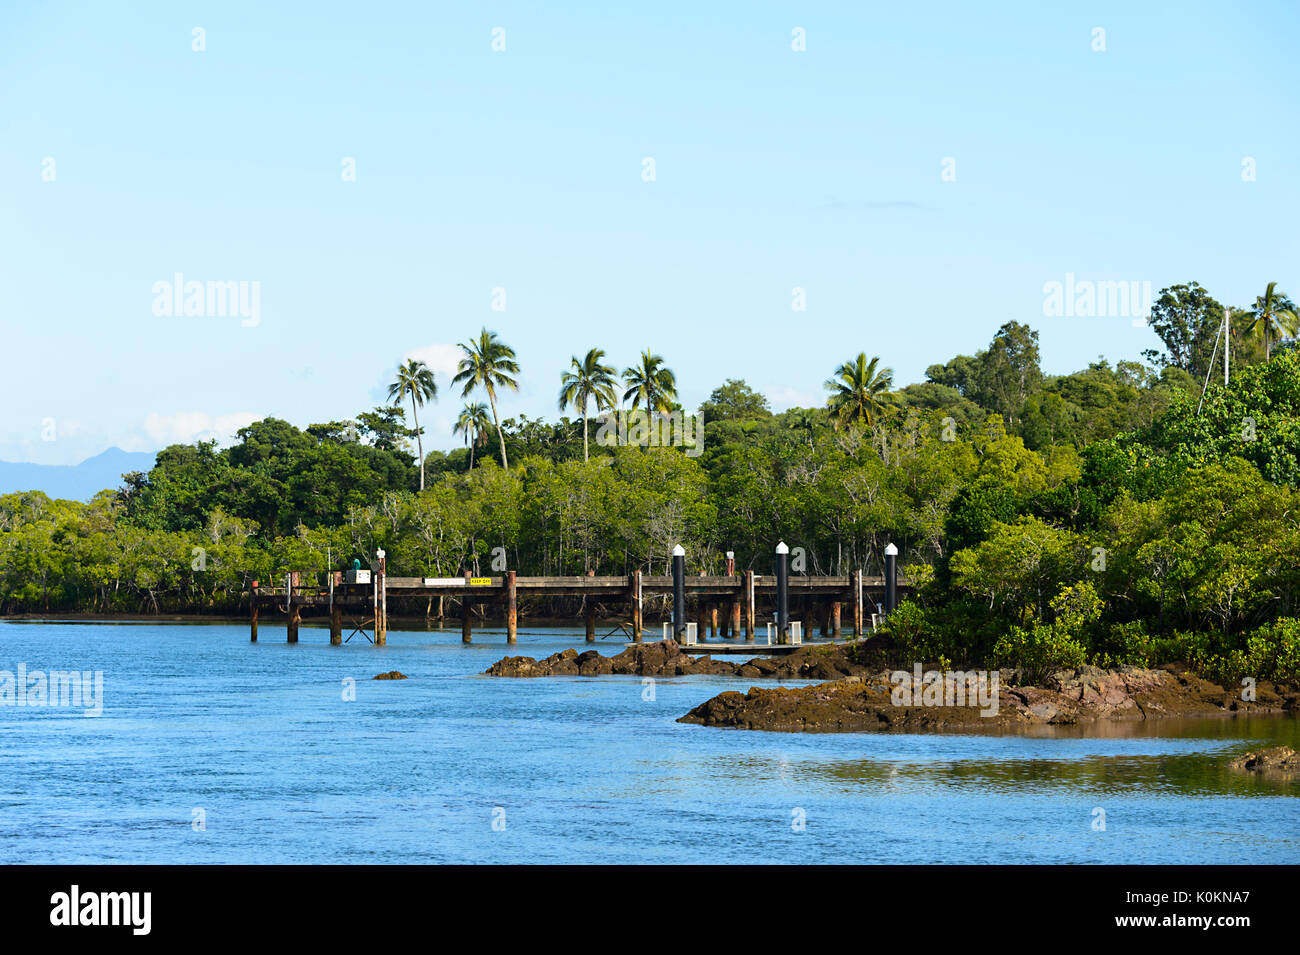 Dunk Island Buildings: Innisfail Stock Photos & Innisfail Stock Images